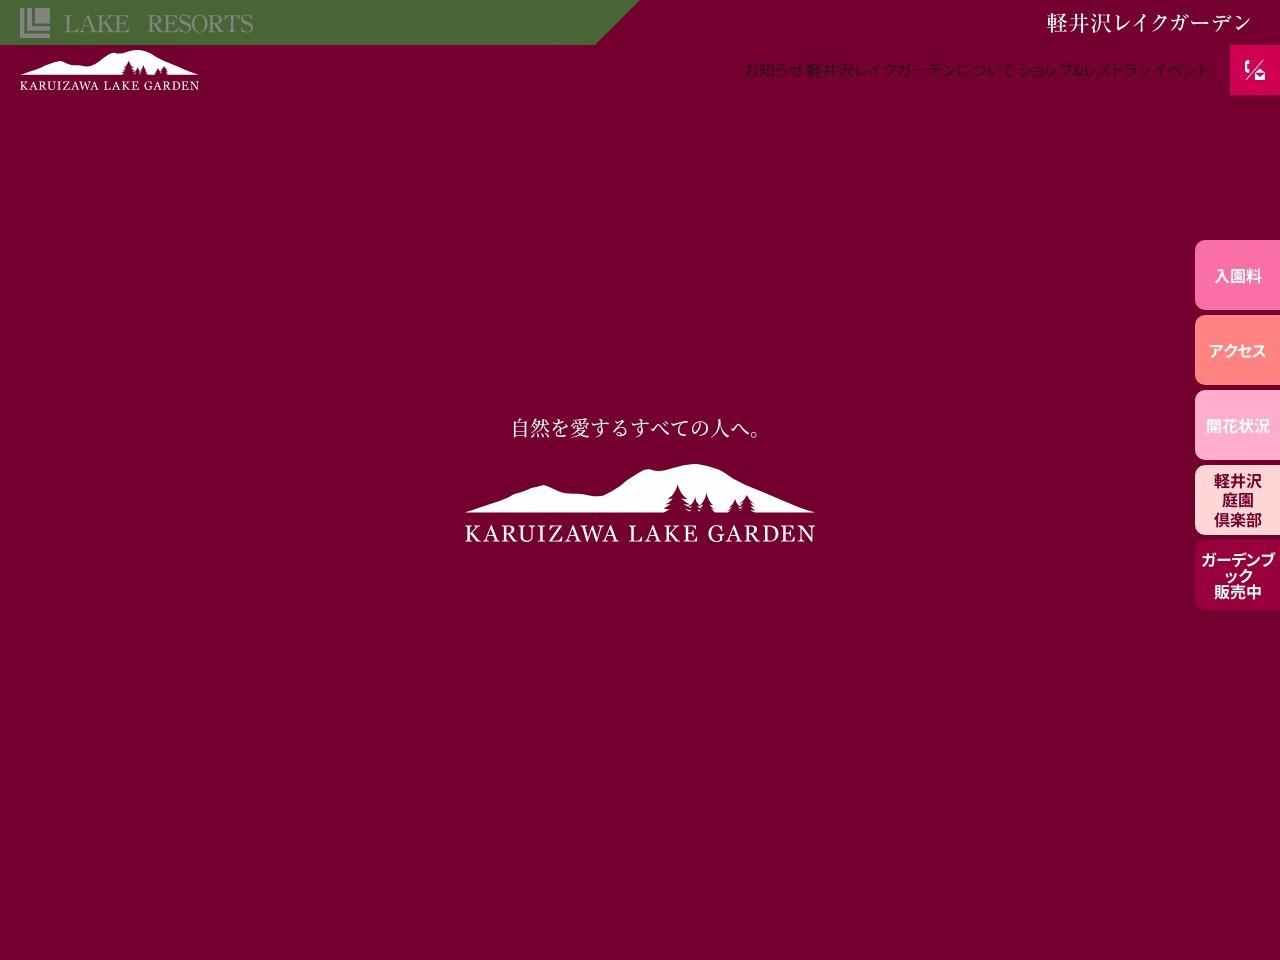 軽井沢レイクガーデン|美しくやさしい水辺のガーデンリゾート